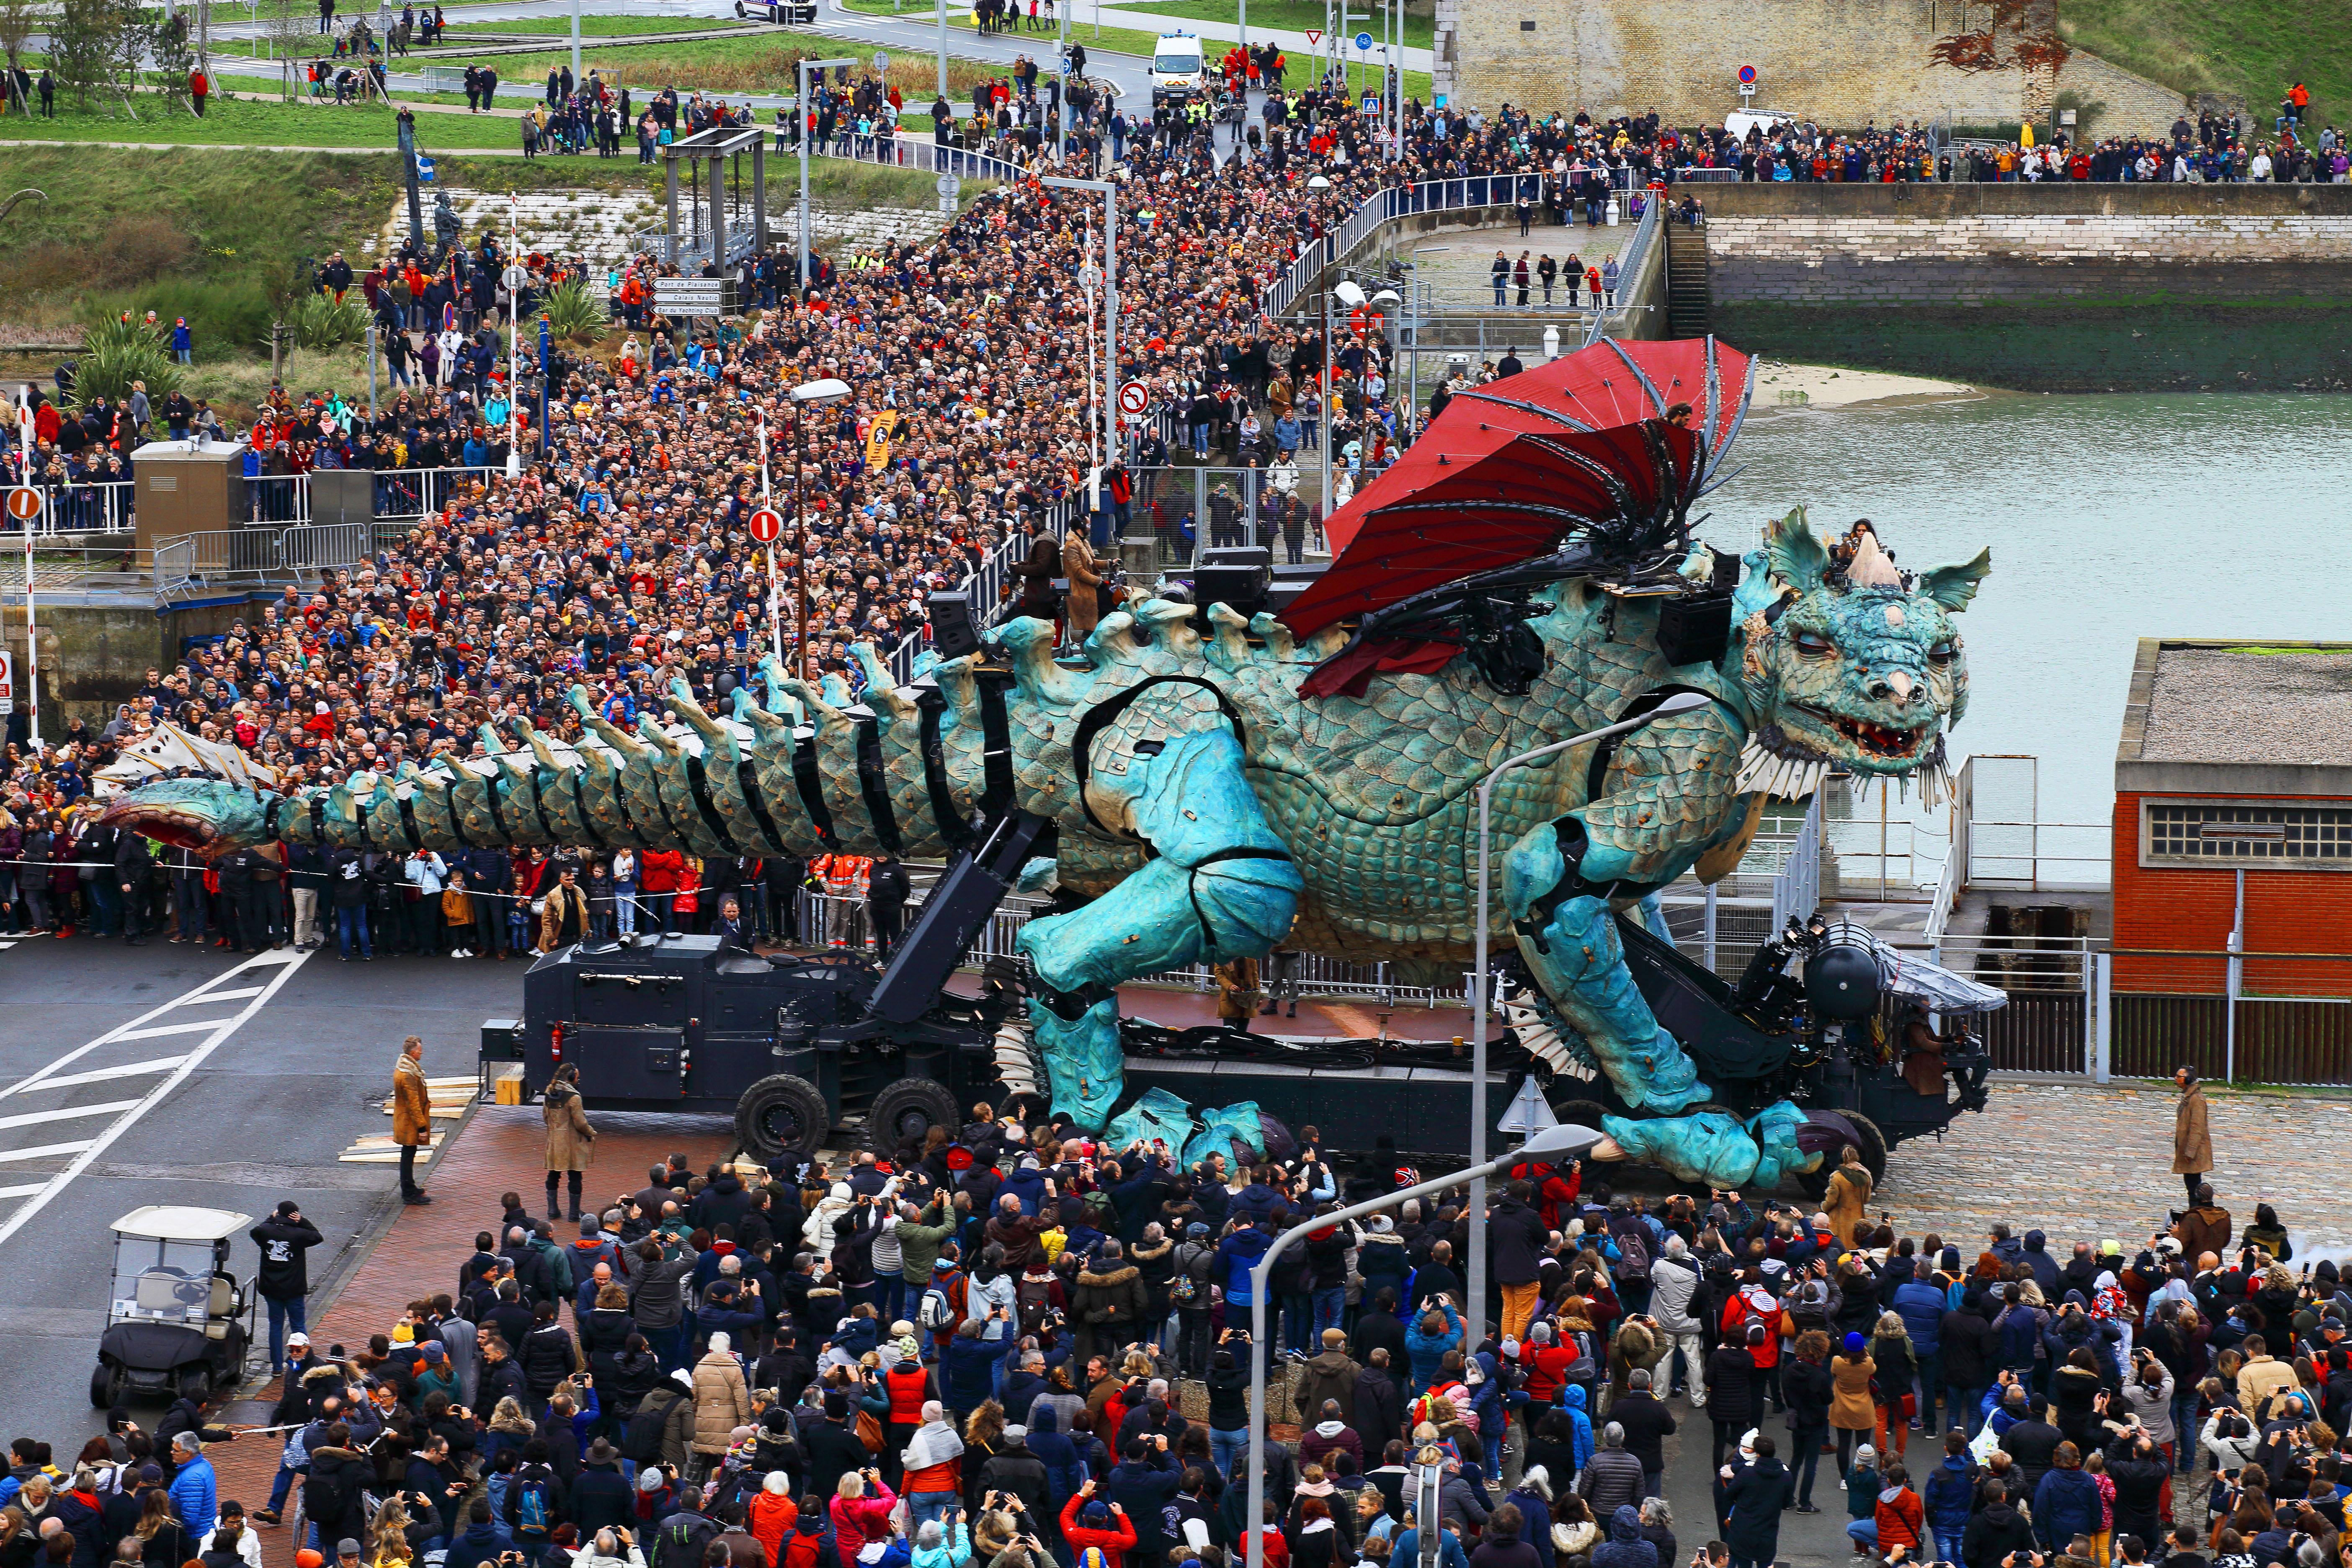 Premier jour du spectacle inaugural_le Dragon entre dans la ville (c) Jordi Bover